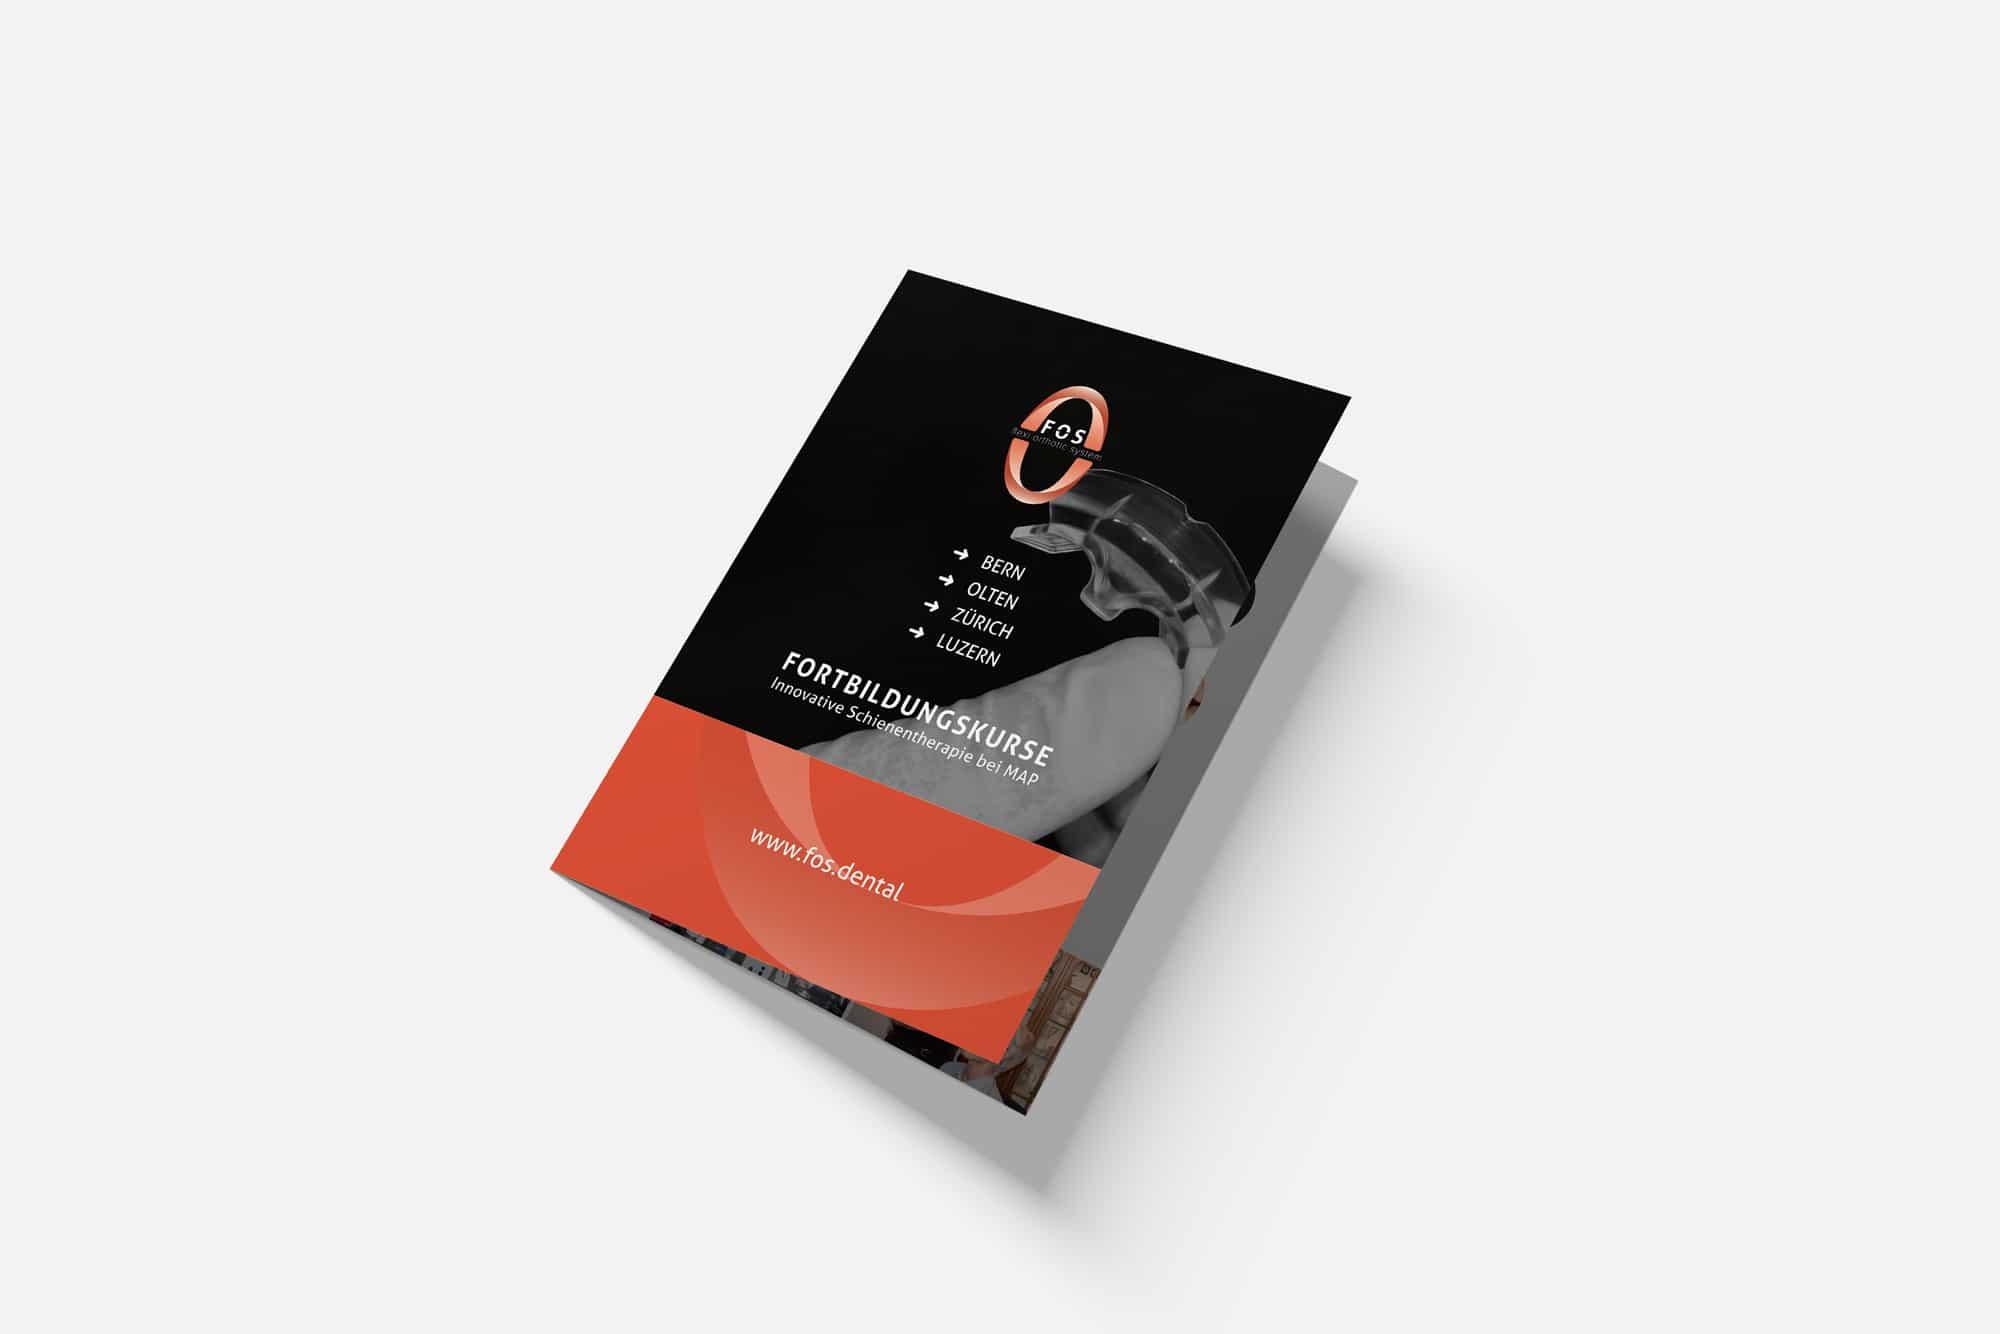 Kursausschreibung-Folder-A5-by-PiKSEL-orthotixx-DENTAL-AG